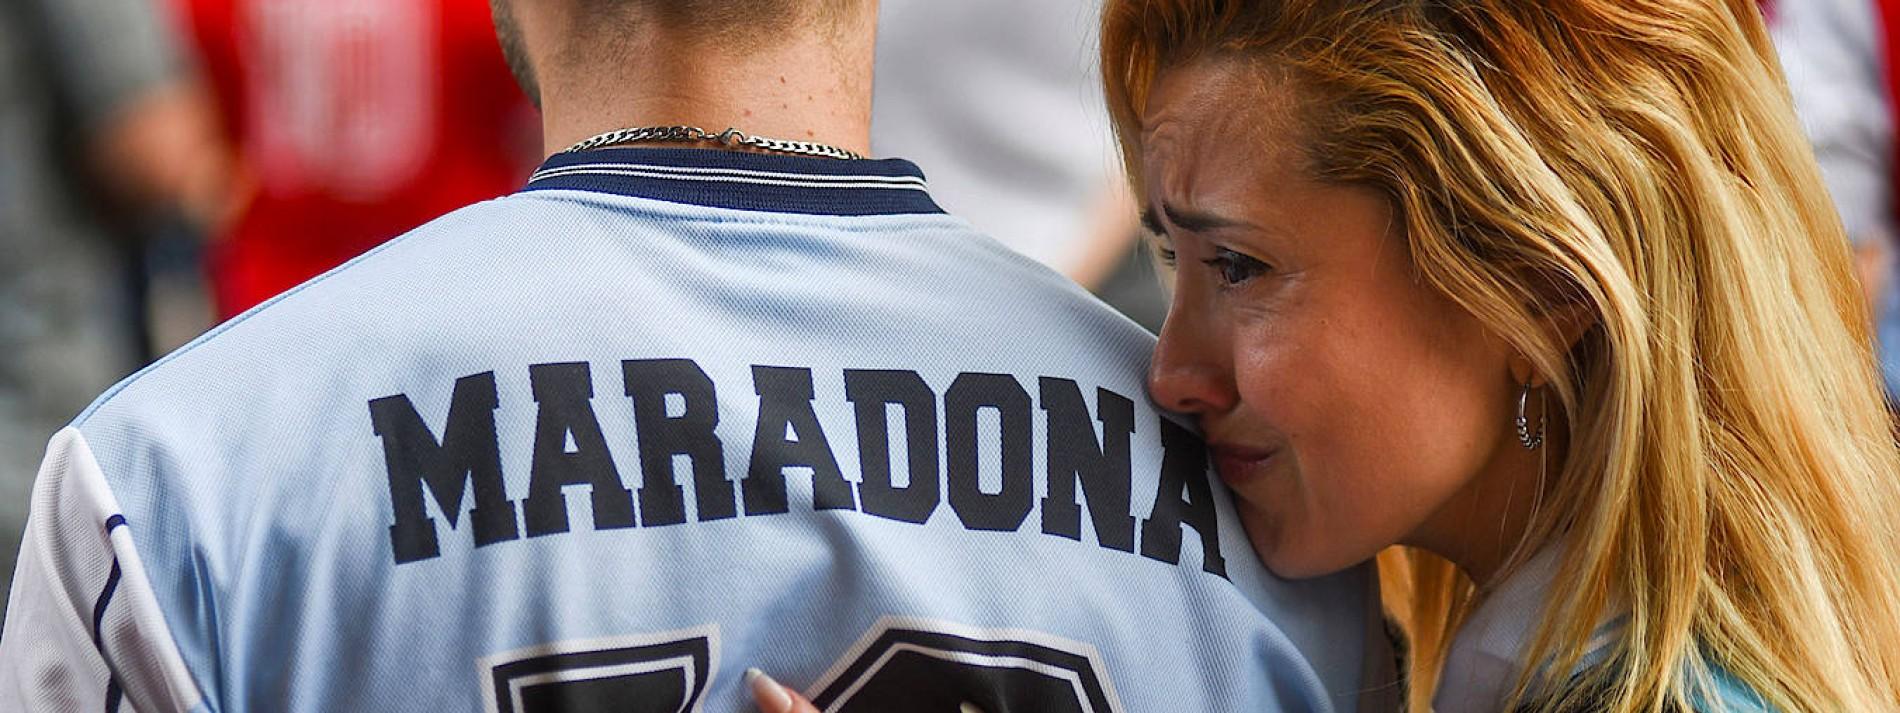 Ein ganzes Land weint um Maradona